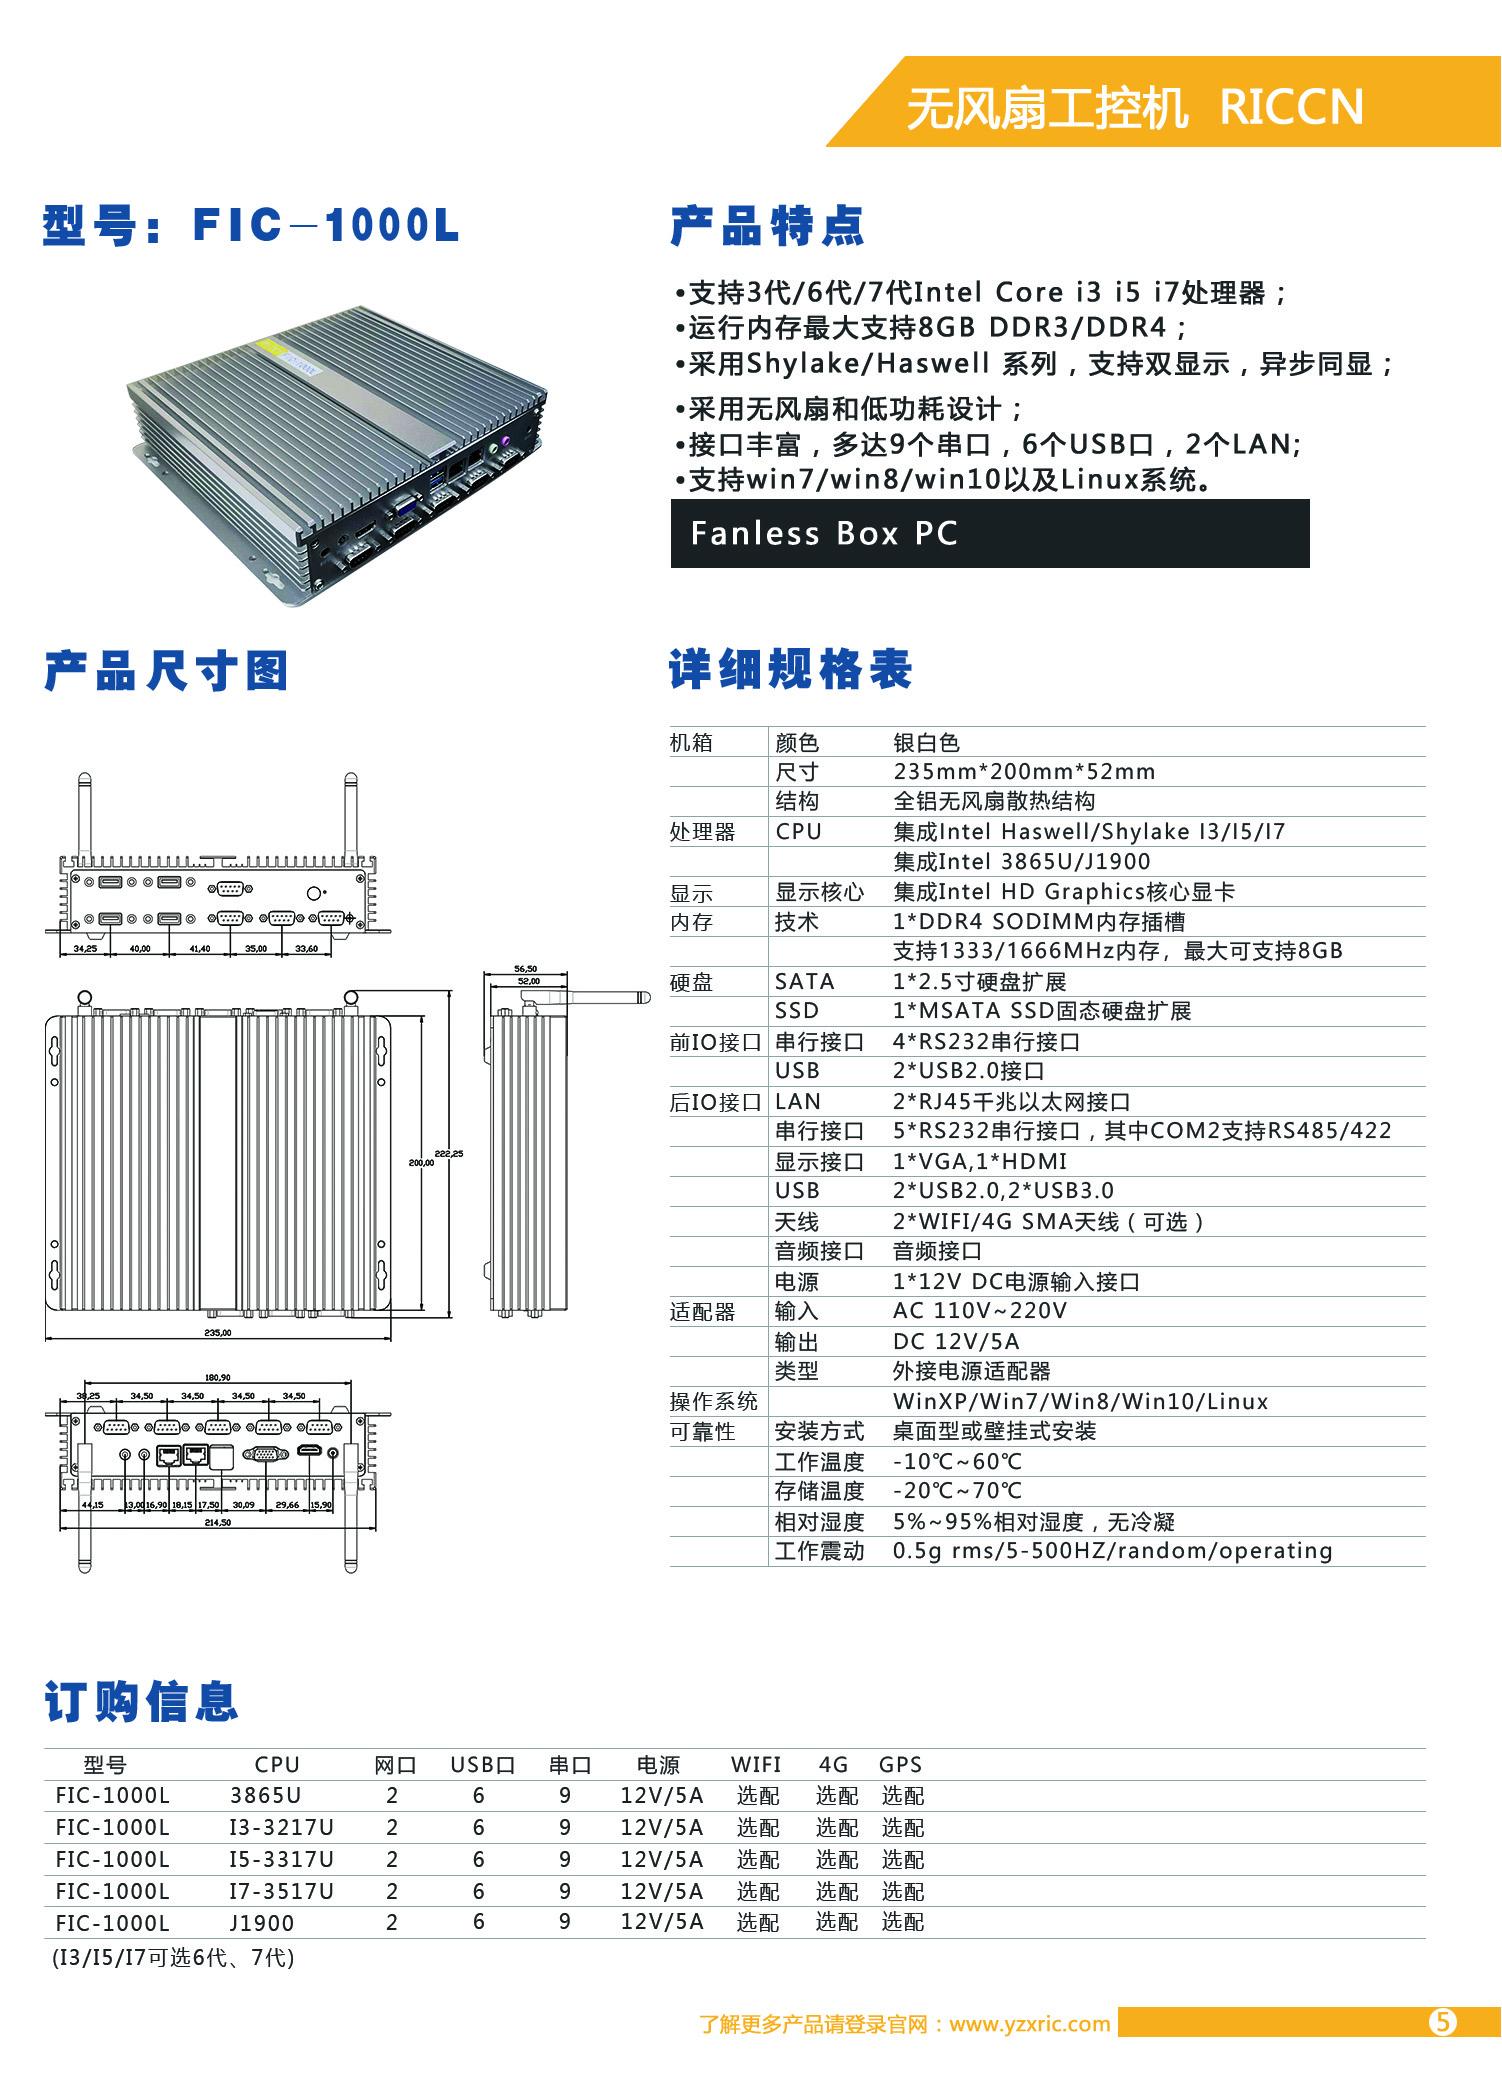 FIC-1000L